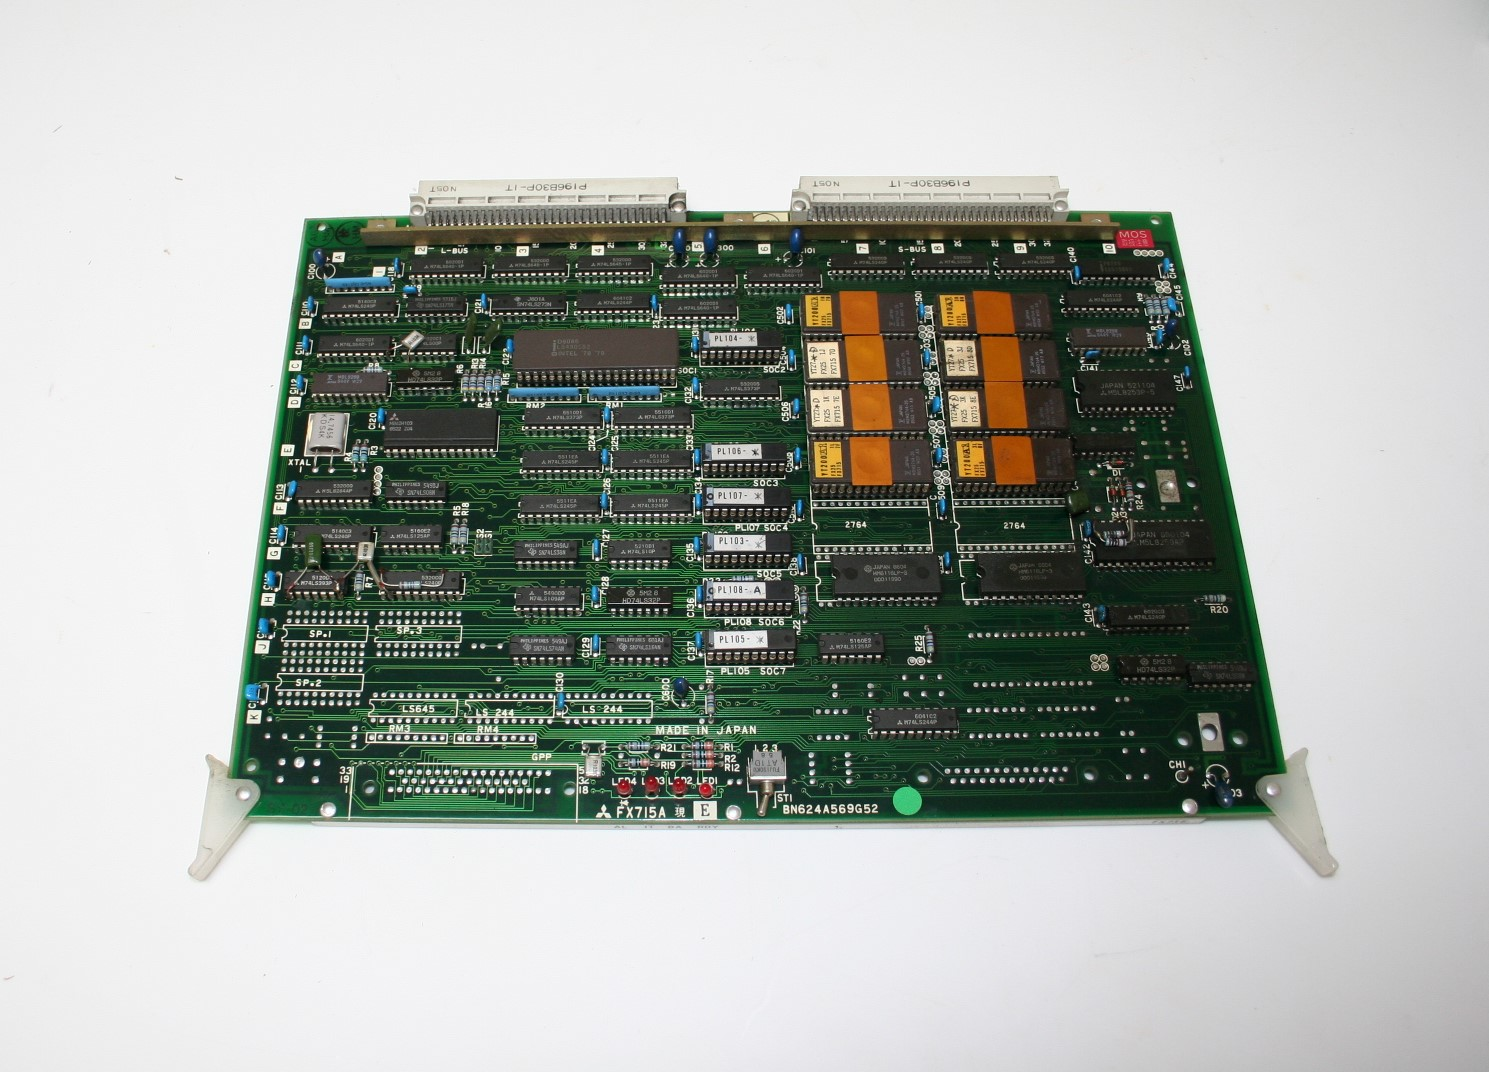 FX715 BN624A569G52 a